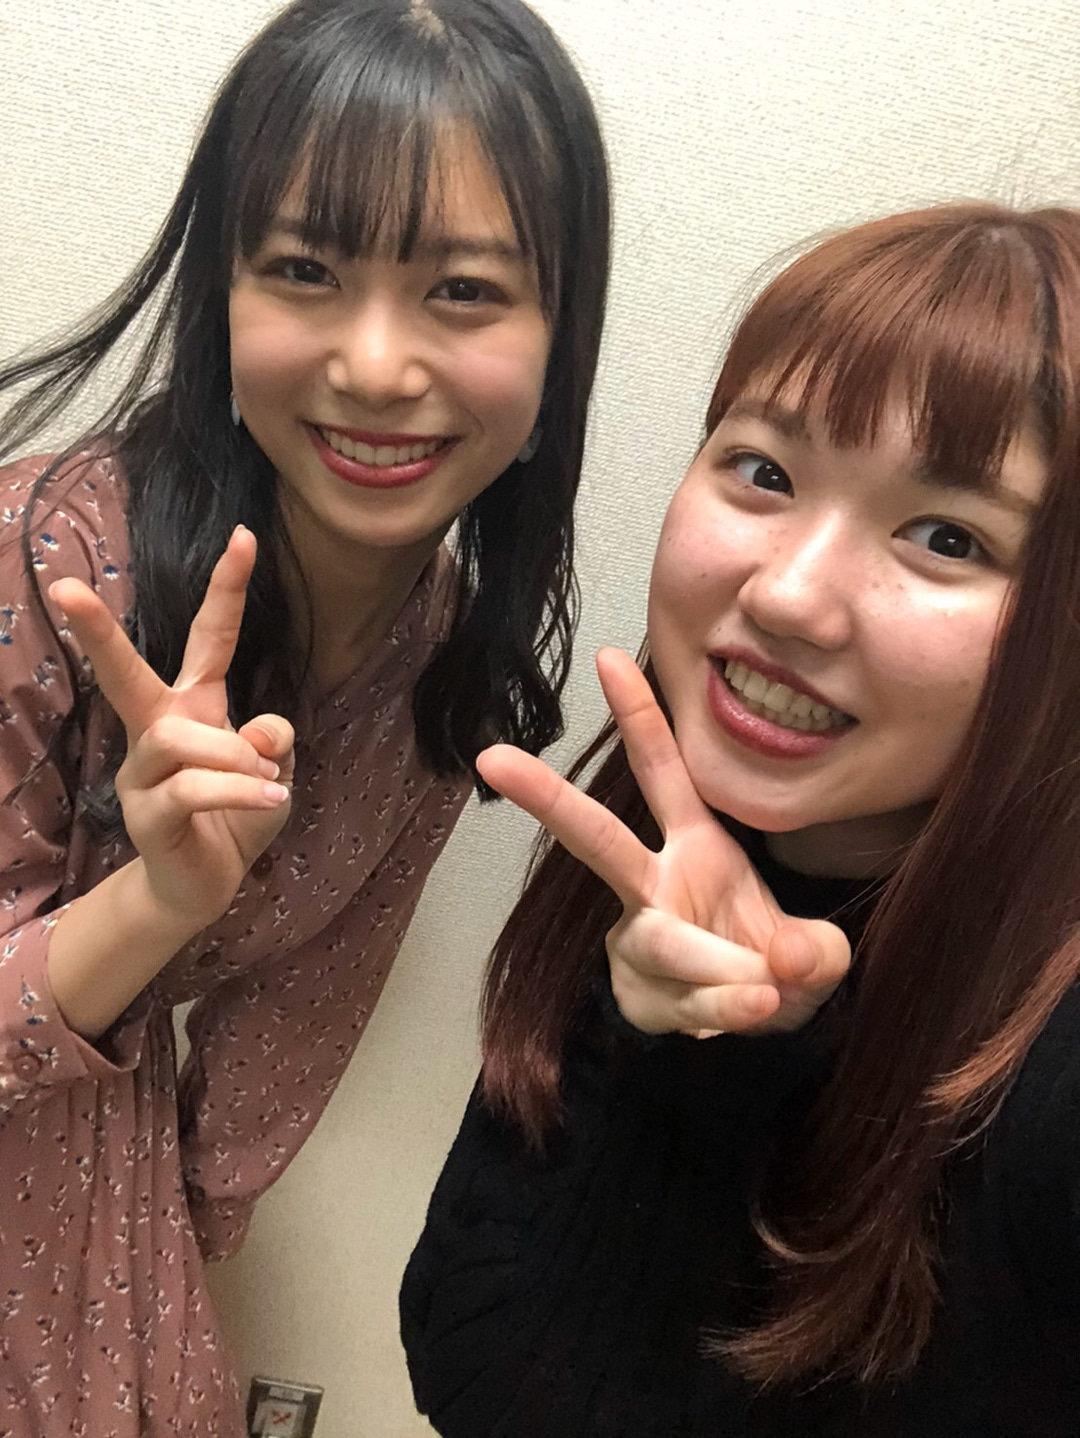 Inoue%20Rei,%20Takeuchi%20Akari-898418.j